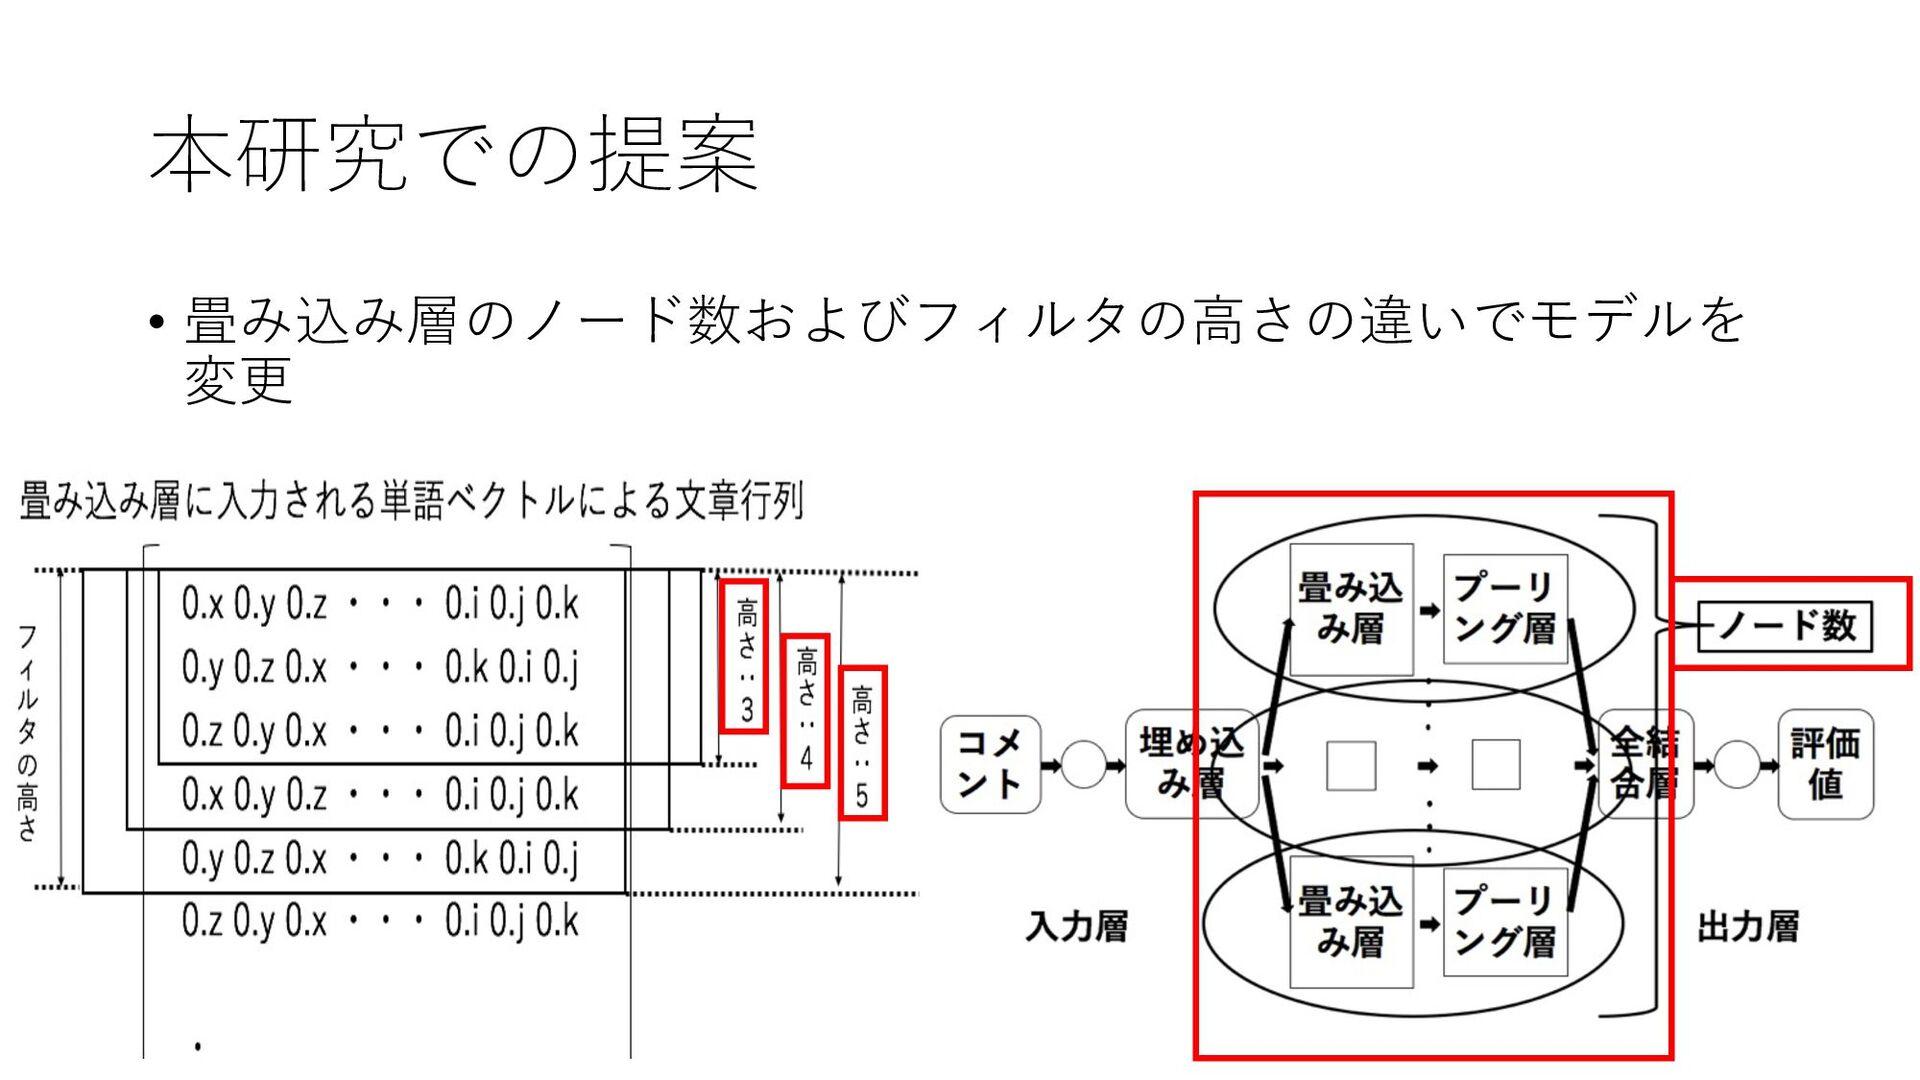 本研究での提案 • 畳み込み層のノード数およびフィルタの⾼さの違いでモデルを 変更